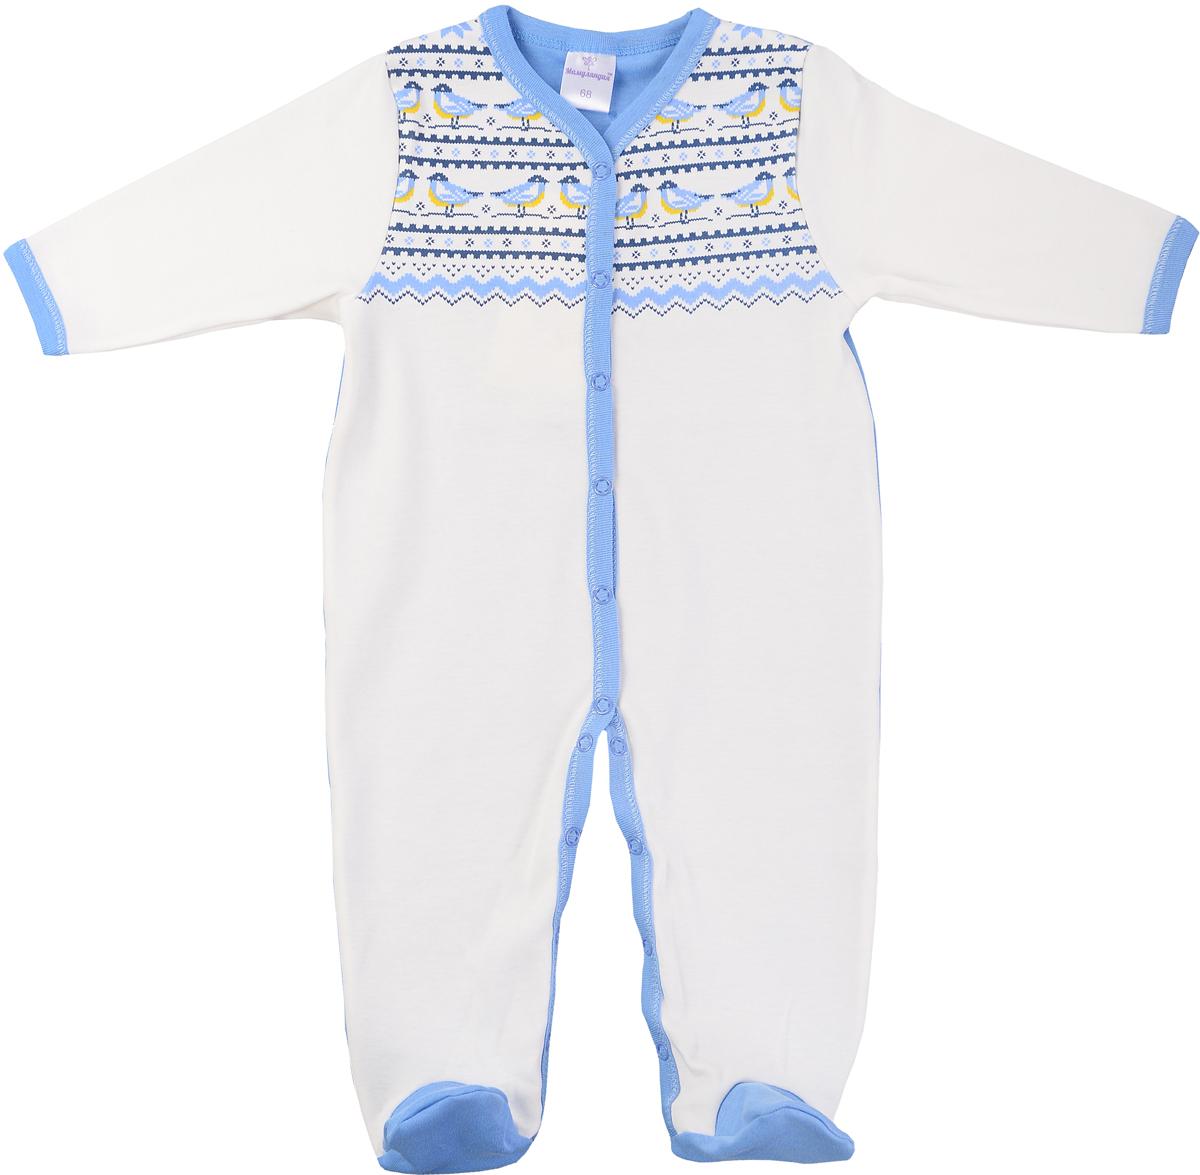 Комбинезон домашний детский Мамуляндия Зимняя, цвет: молочный, голубой. 17-502. Размер 6217-502Комбинезон детский выполнен из натурального хлопка. Модель с длинным рукавом и V-образным горловины застегивается на кнопки.